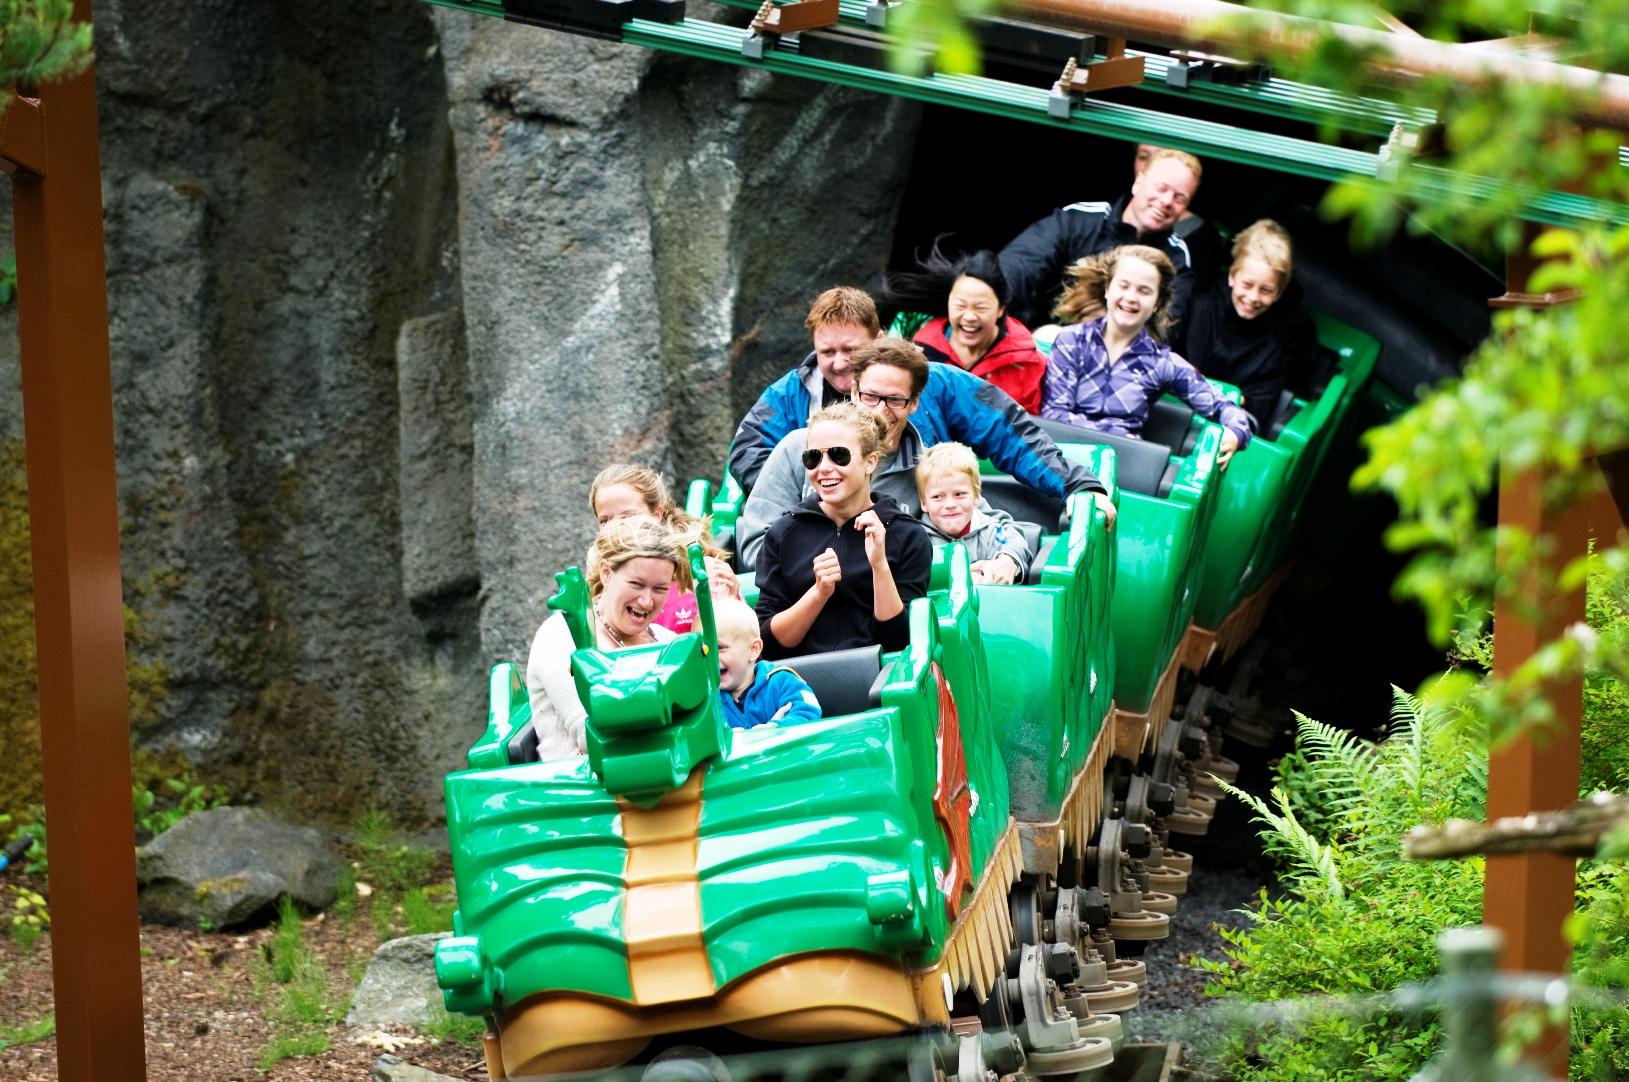 The Dragon in Legoland Billund